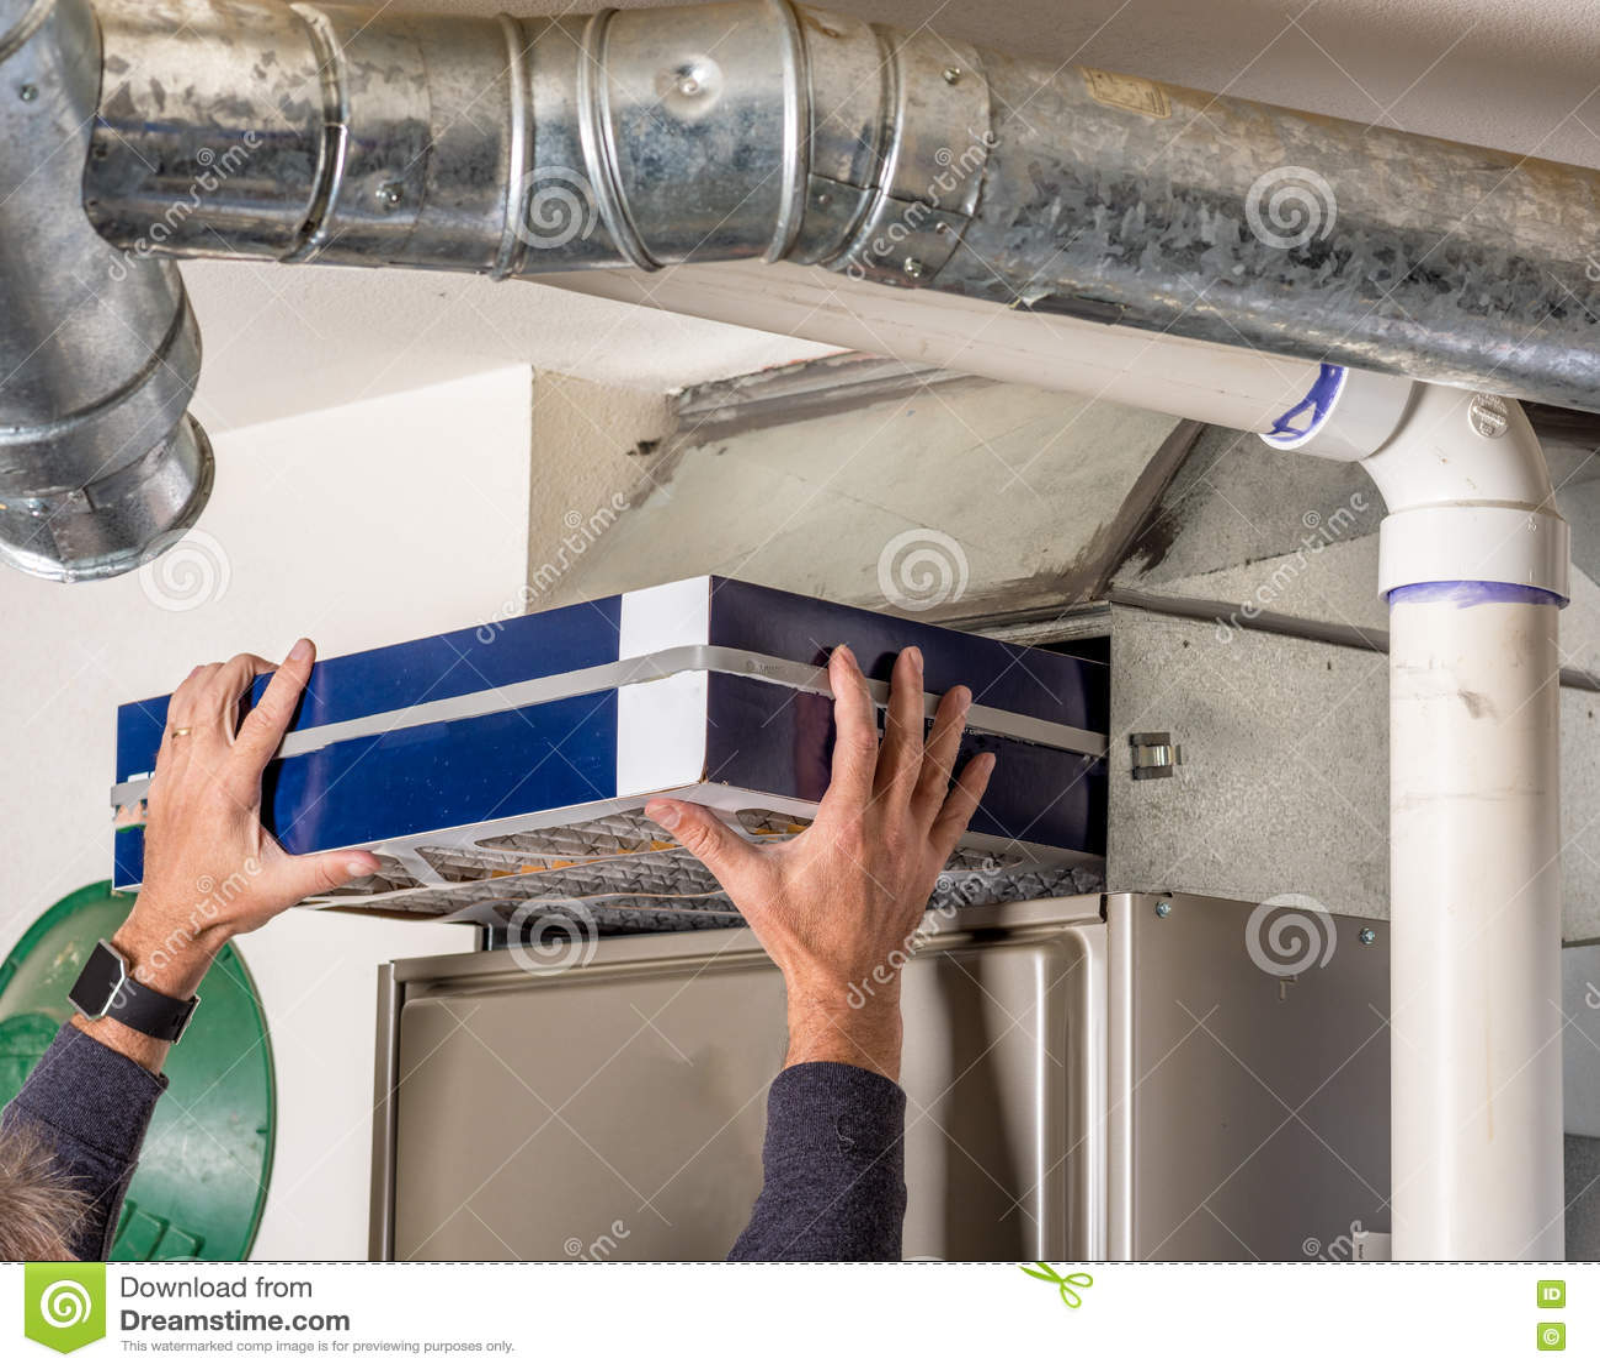 El dueño de la casa substituye el filtro en su horno